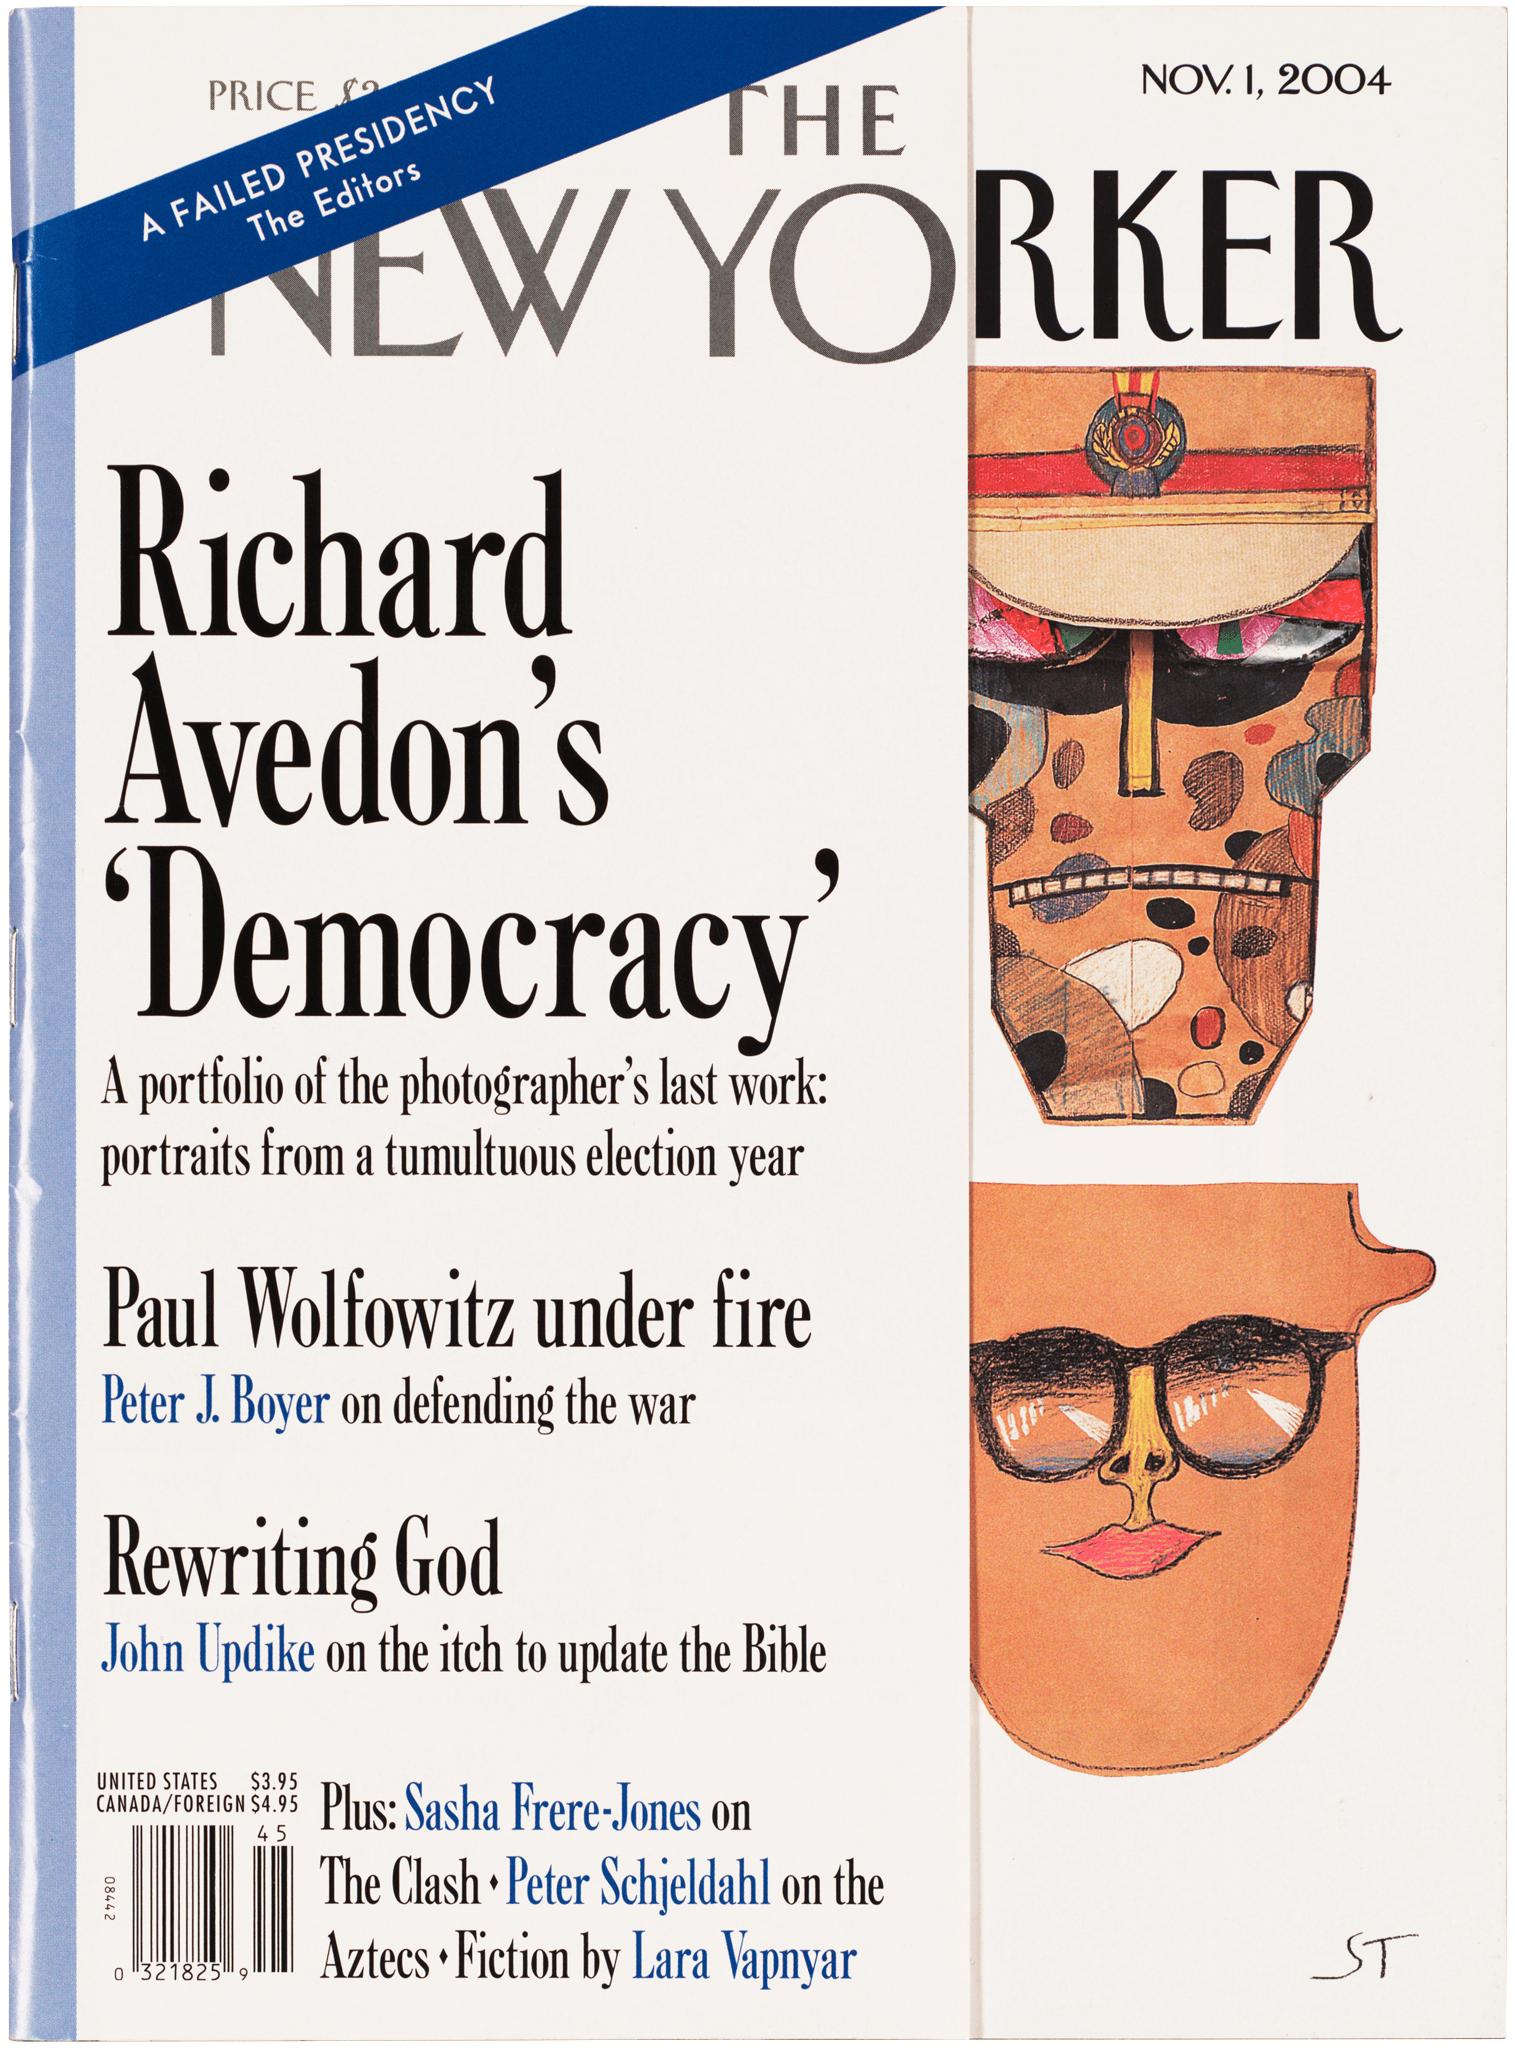 The New Yorker , November 1, 2004